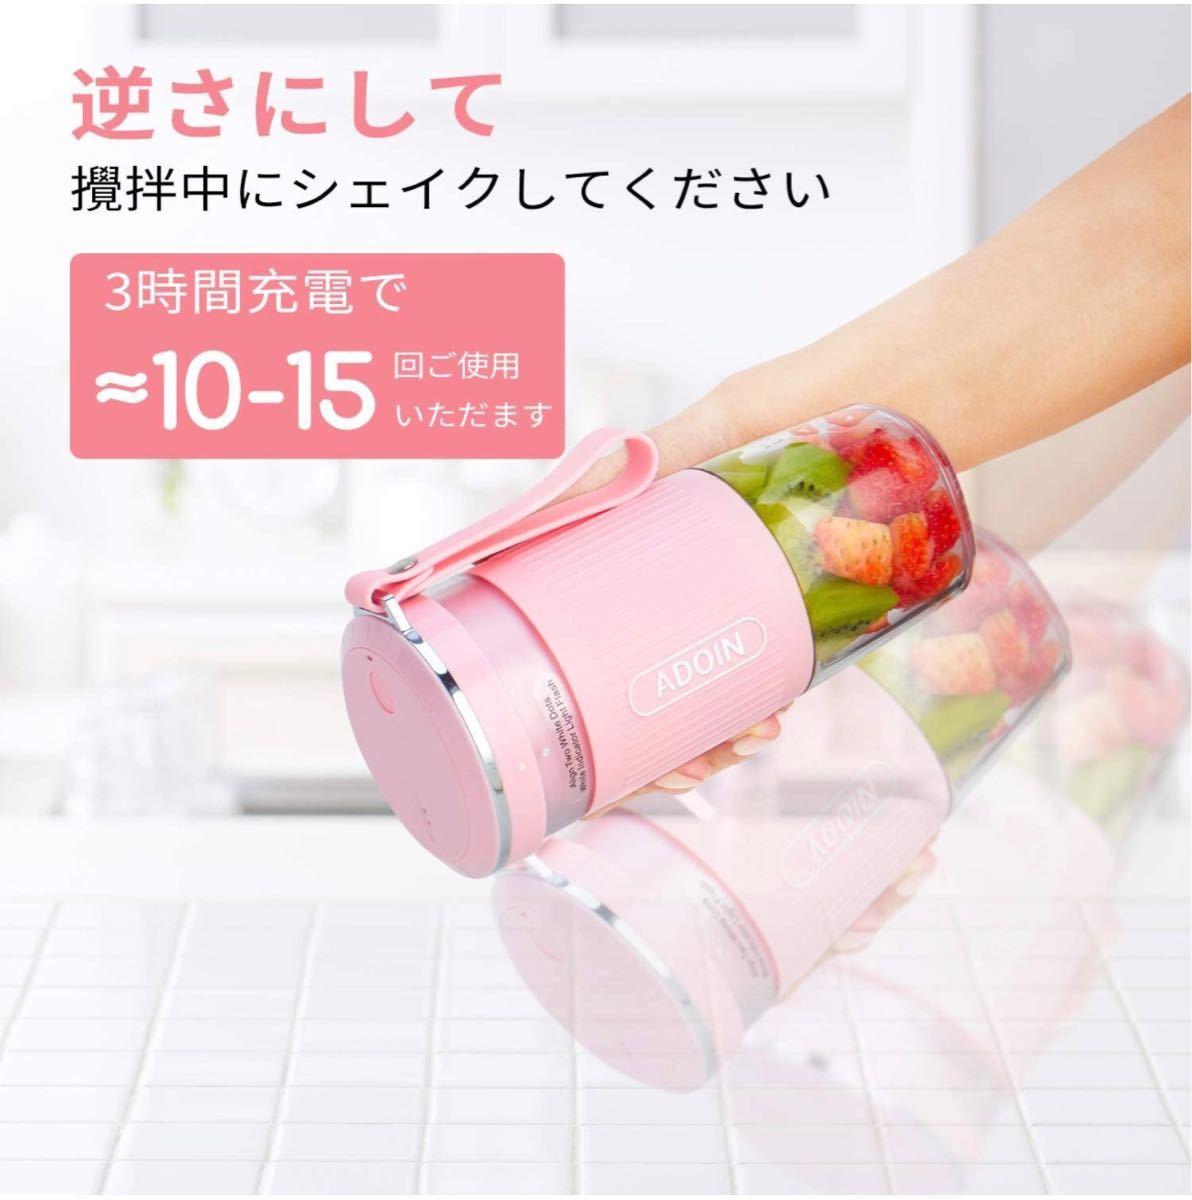 ジューサー ミキサー 小型 氷も砕ける 果物 野菜 スムージー 静か コンパクト 人気 USB充電式 洗いやすい 強力 安全保護